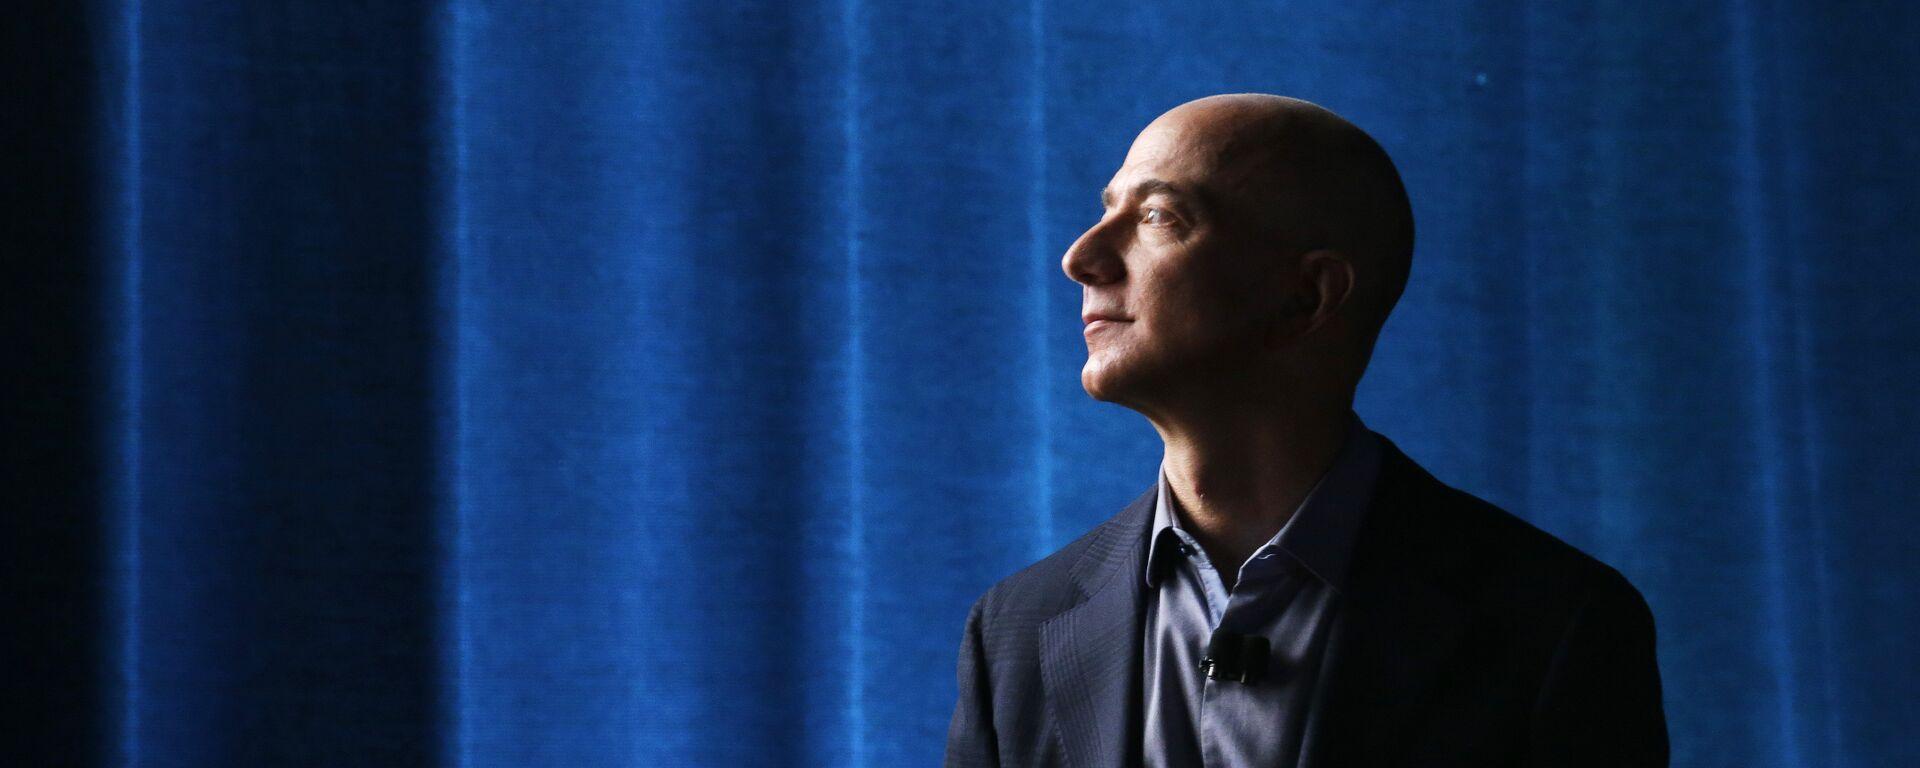 Jeff Bezos, proprietario di Amazon  - Sputnik Italia, 1920, 20.08.2021